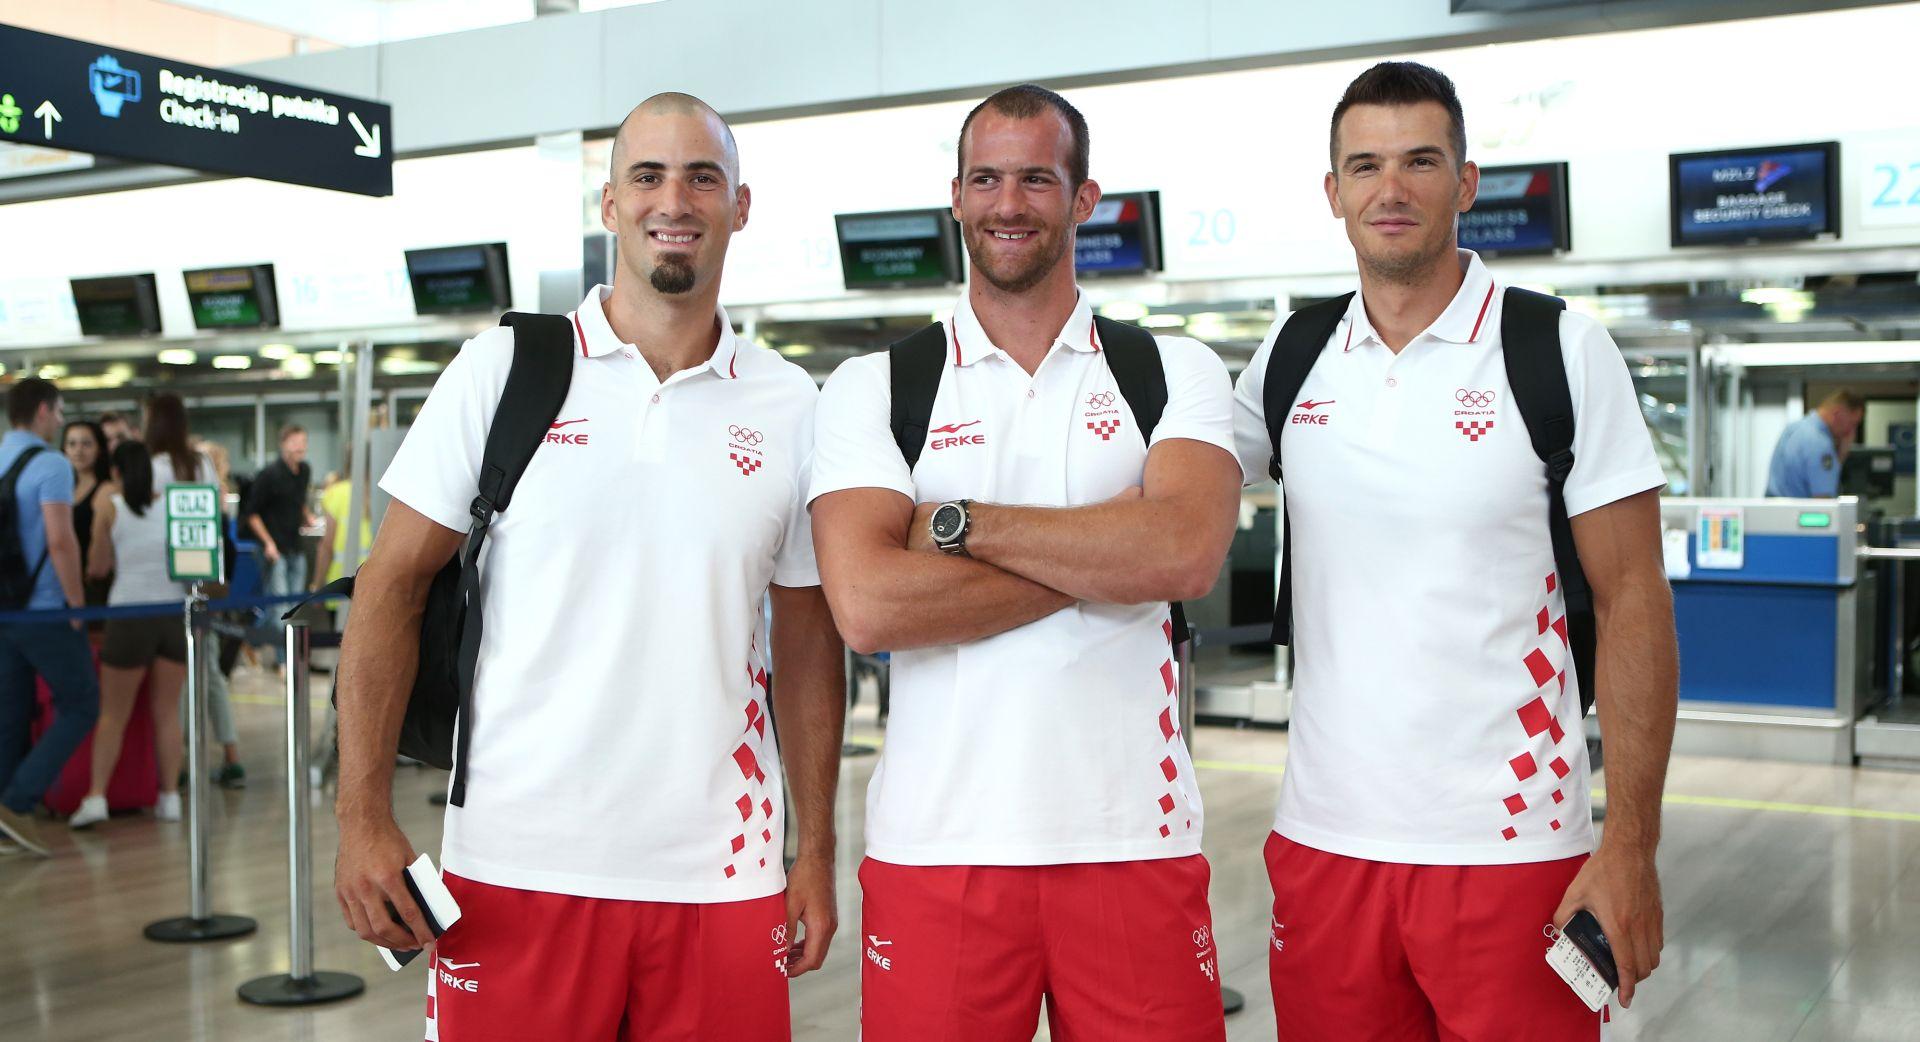 SRETNO! Braća Sinković i Martin krenula prema Riju